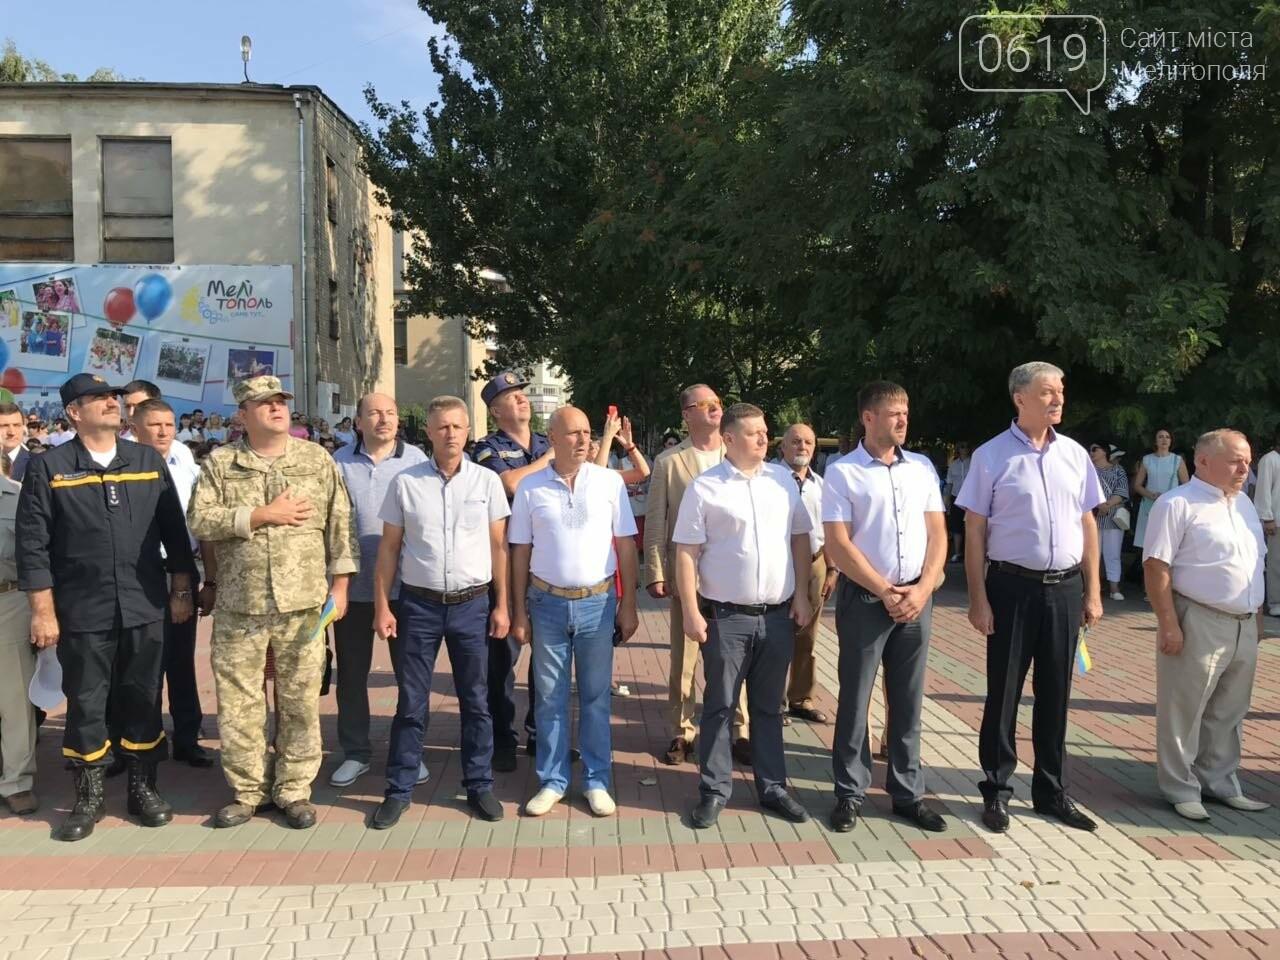 Мелитопольцы отметили День Государственного флага Украины, фото-15